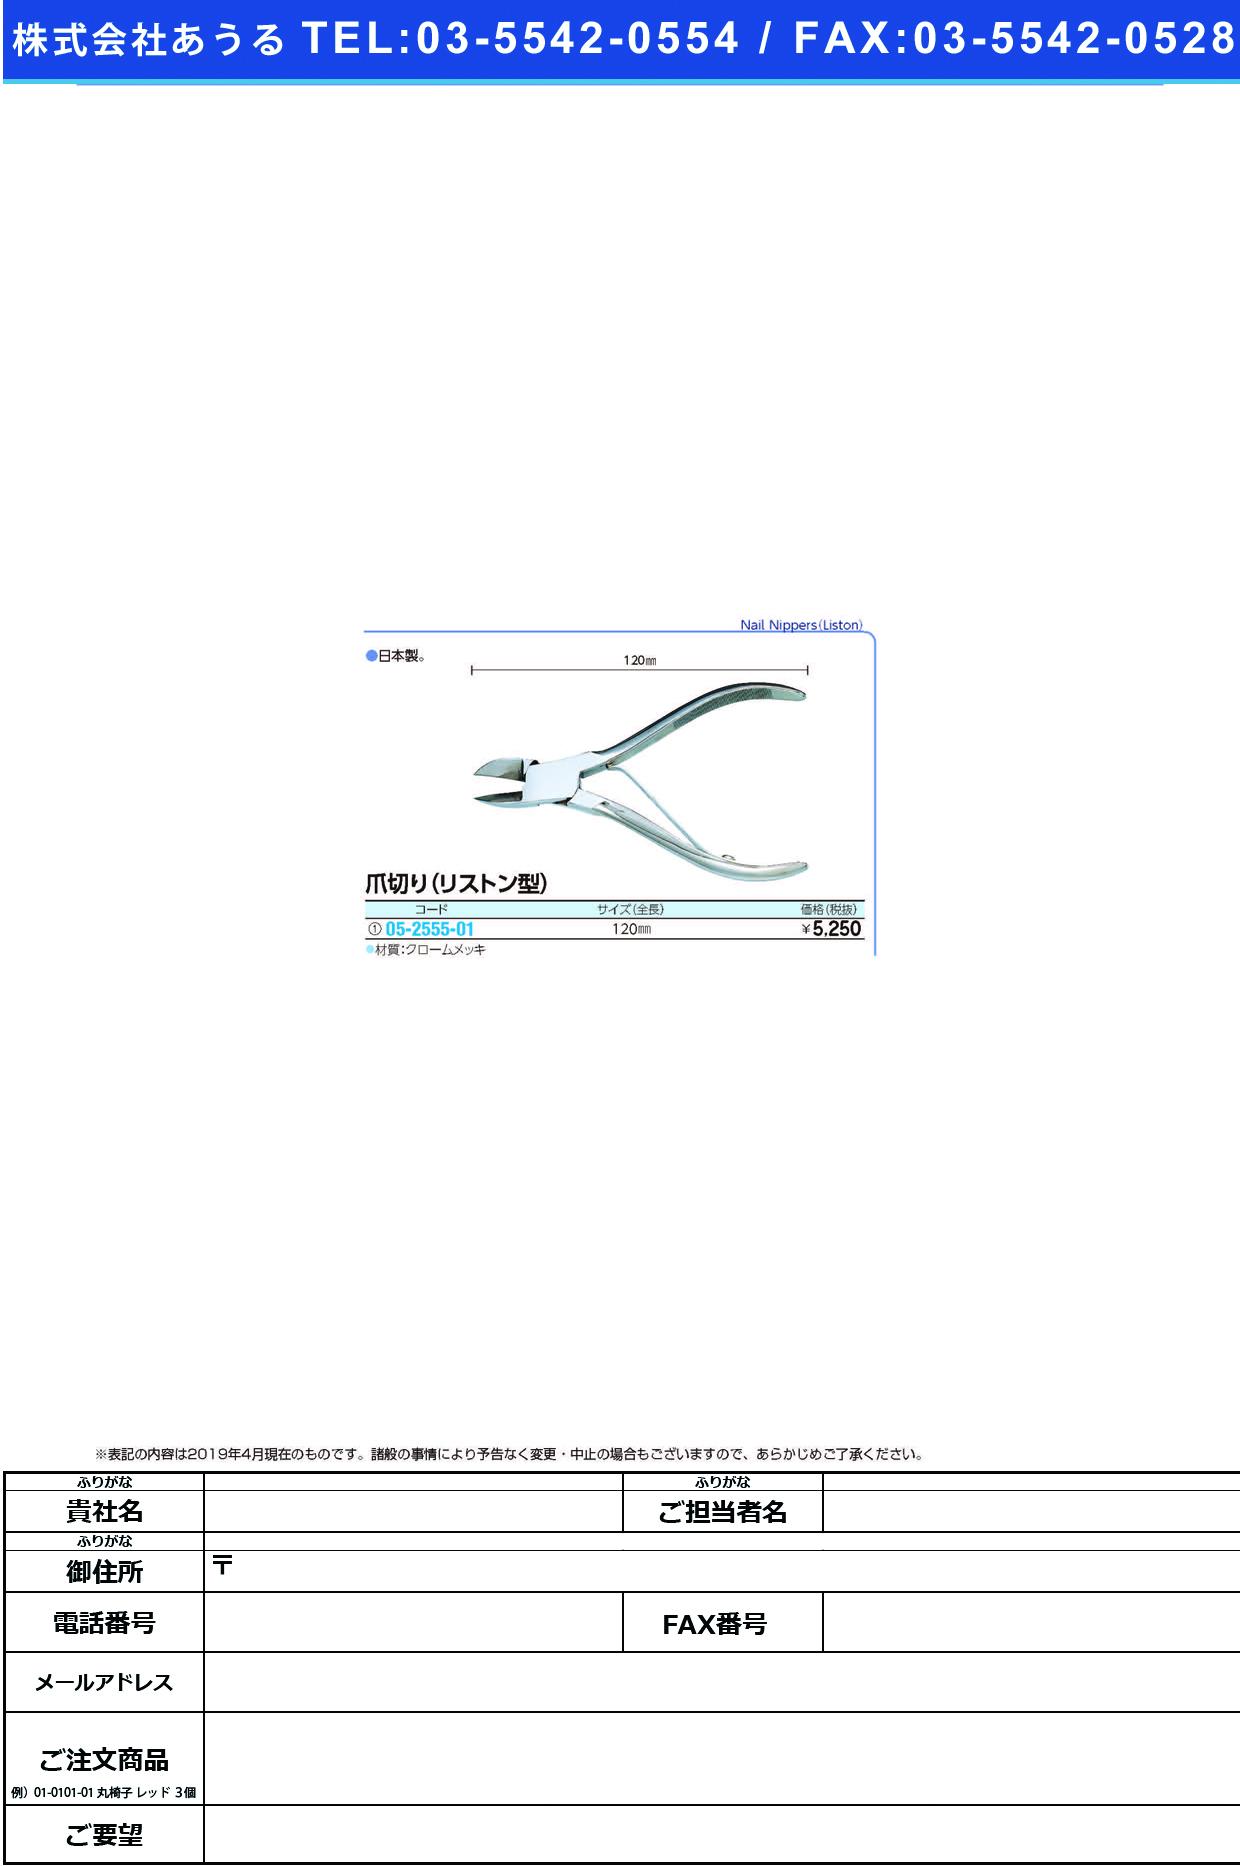 (05-2555-01)爪切り(リストン型) 120MM(クロームメッキ) ツメキリ(リストンガタ)【1本単位】【2019年カタログ商品】